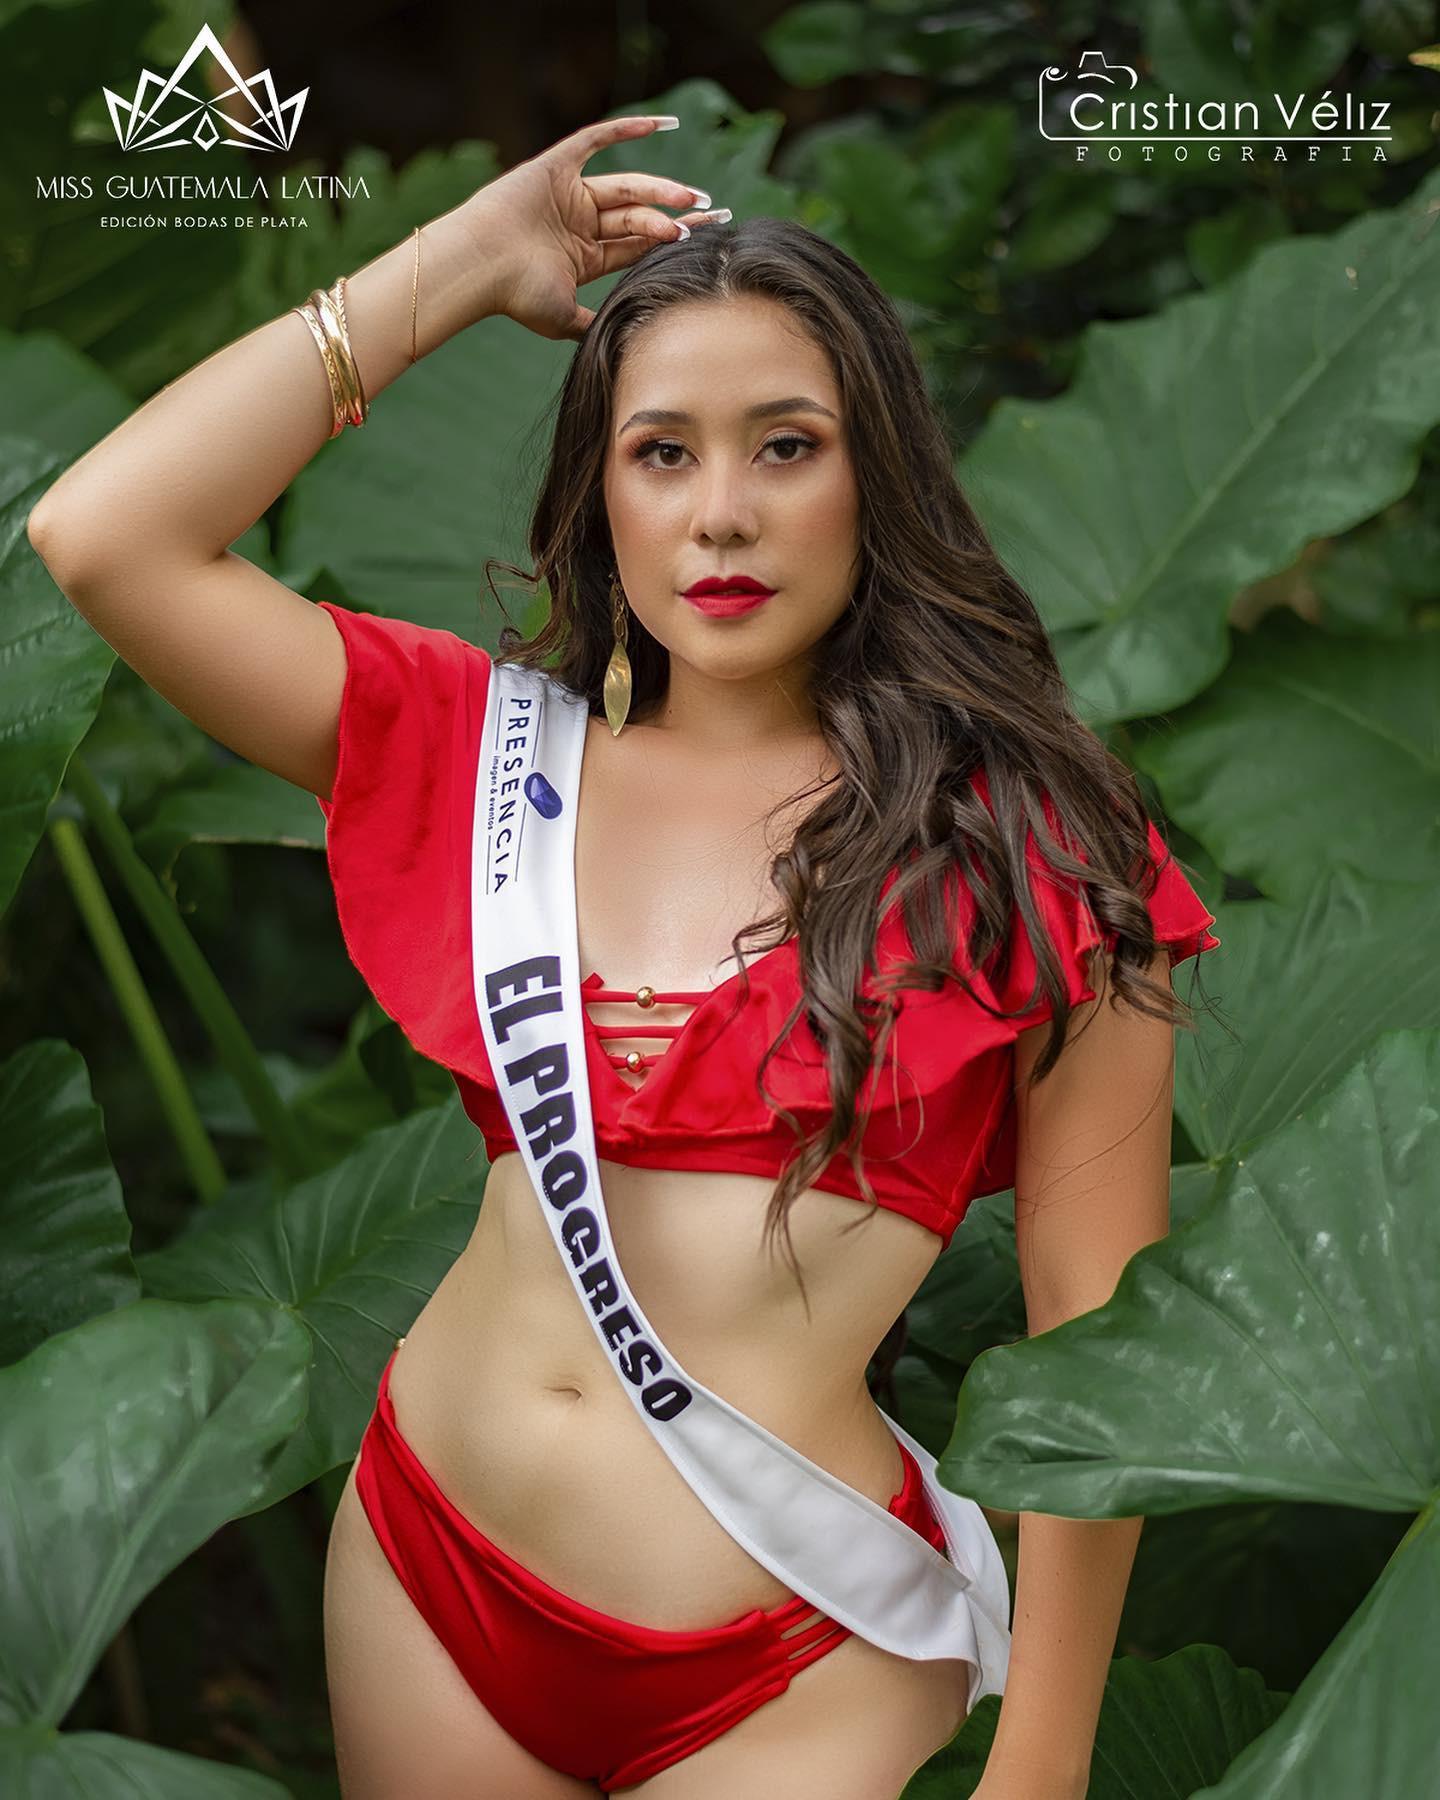 candidatas a miss guatemala latina 2021. final: 30 de abril. - Página 4 B3TiNa